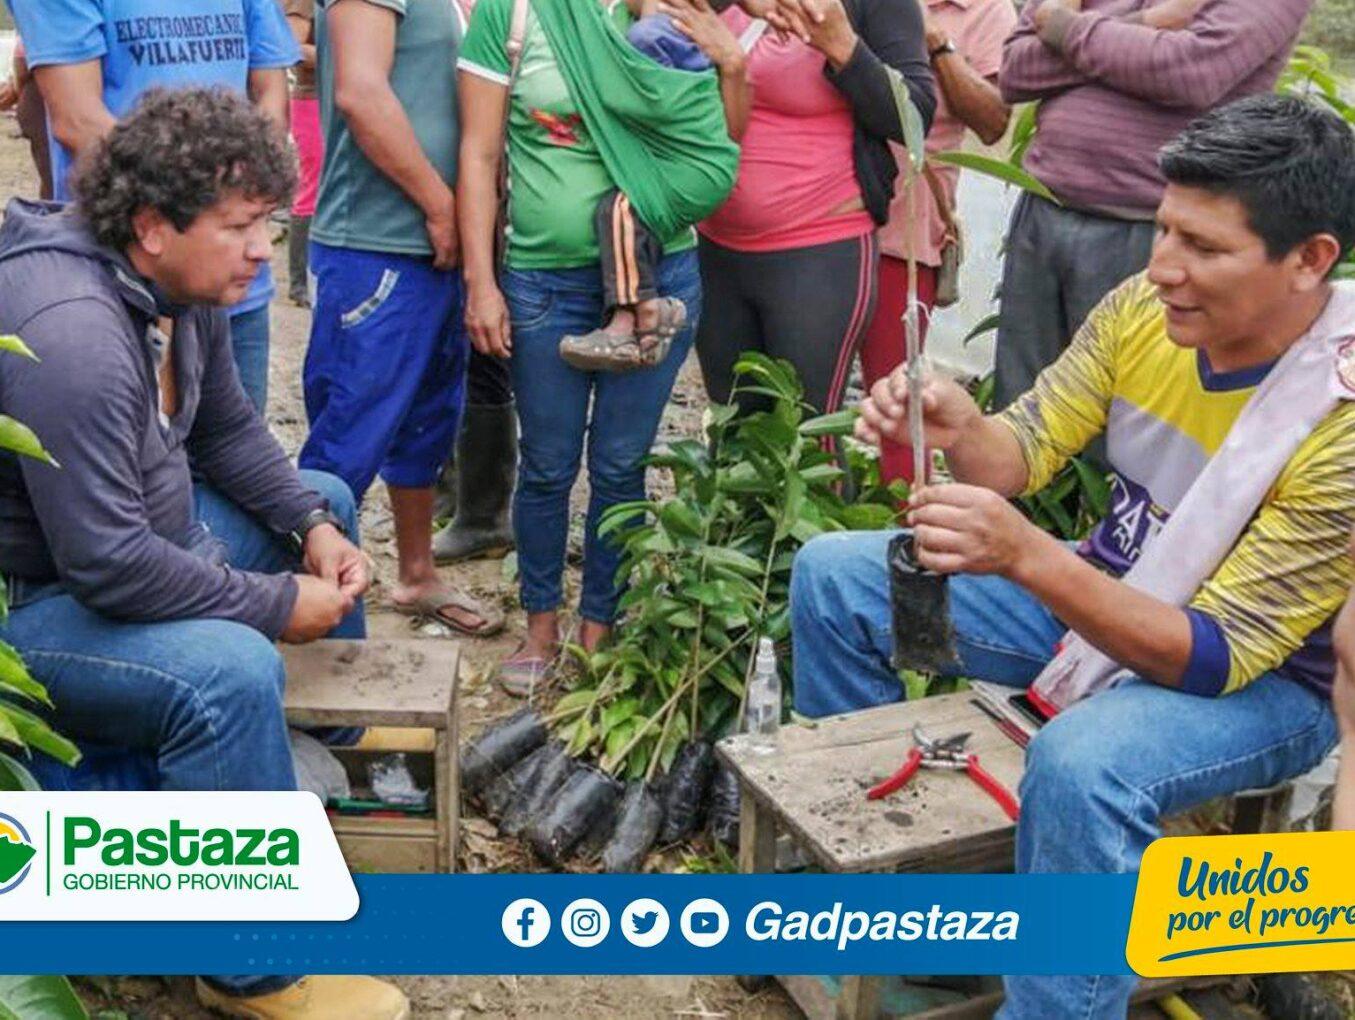 ¡En Arajuno, técnicos del GADPPz capacitan a productores de guanábana!